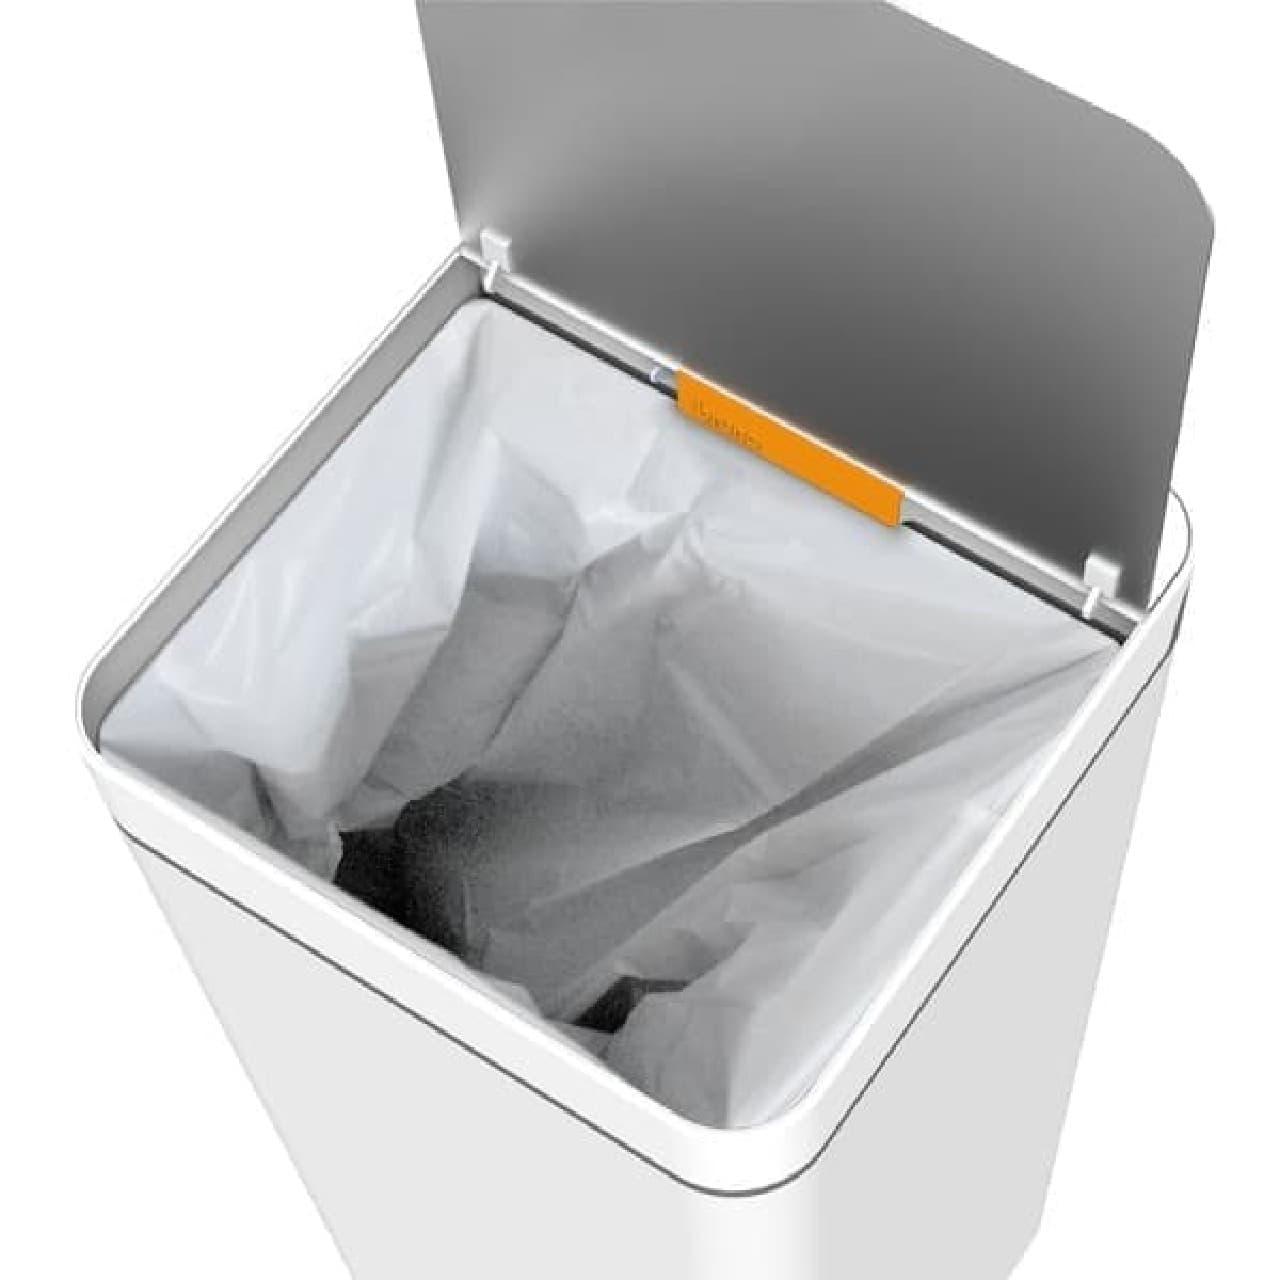 ゴミは、内部のゴミ袋に入れられる